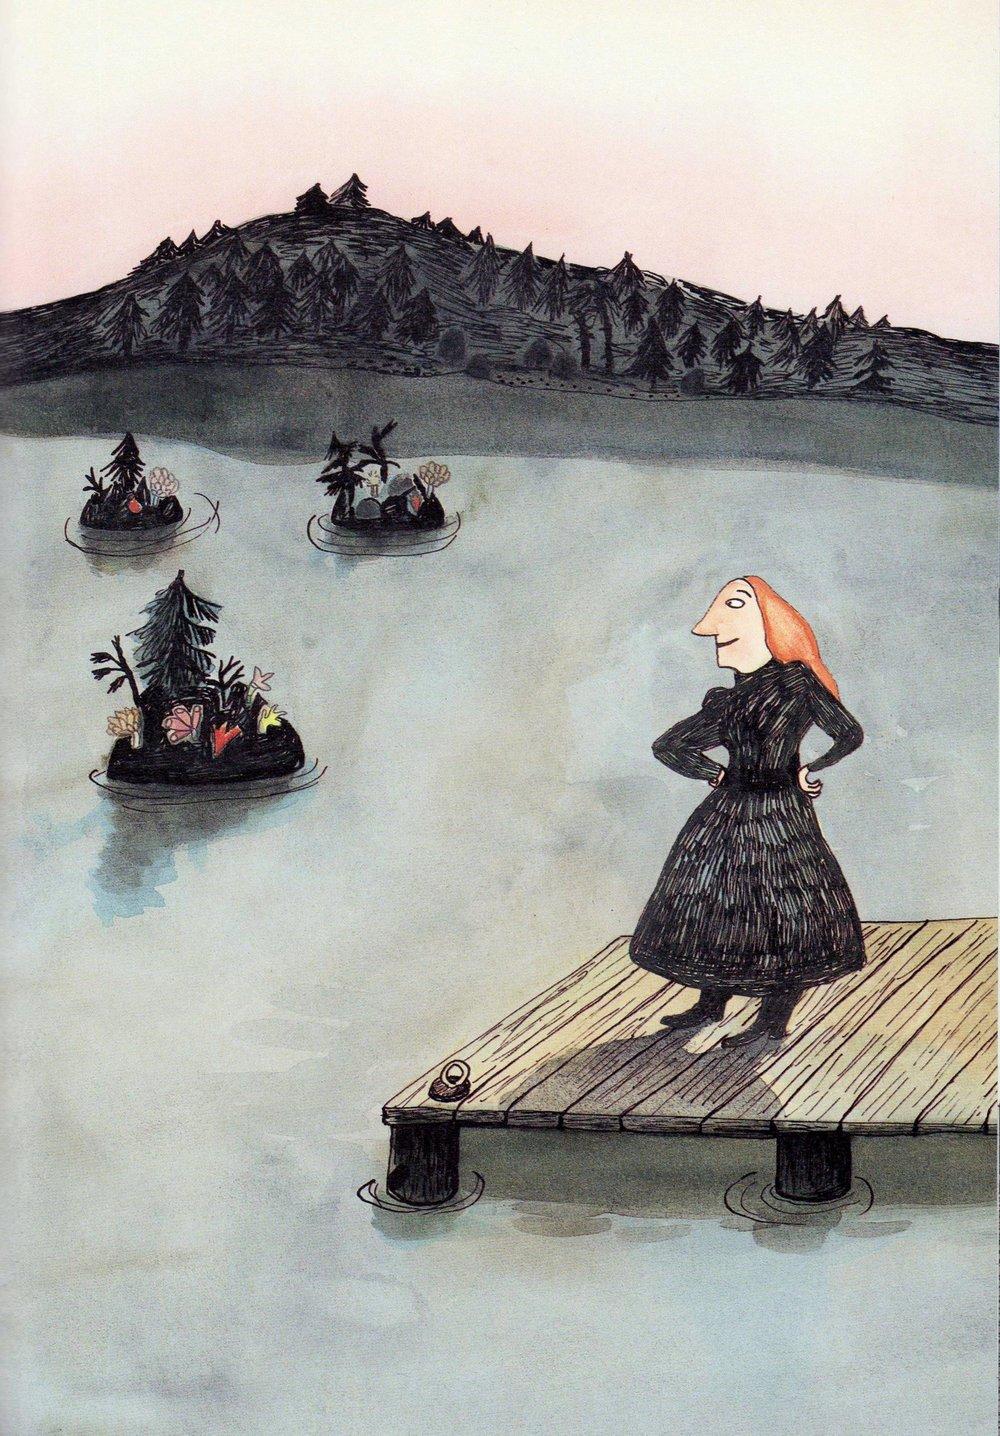 Annie från Sjön Kitty Crowther